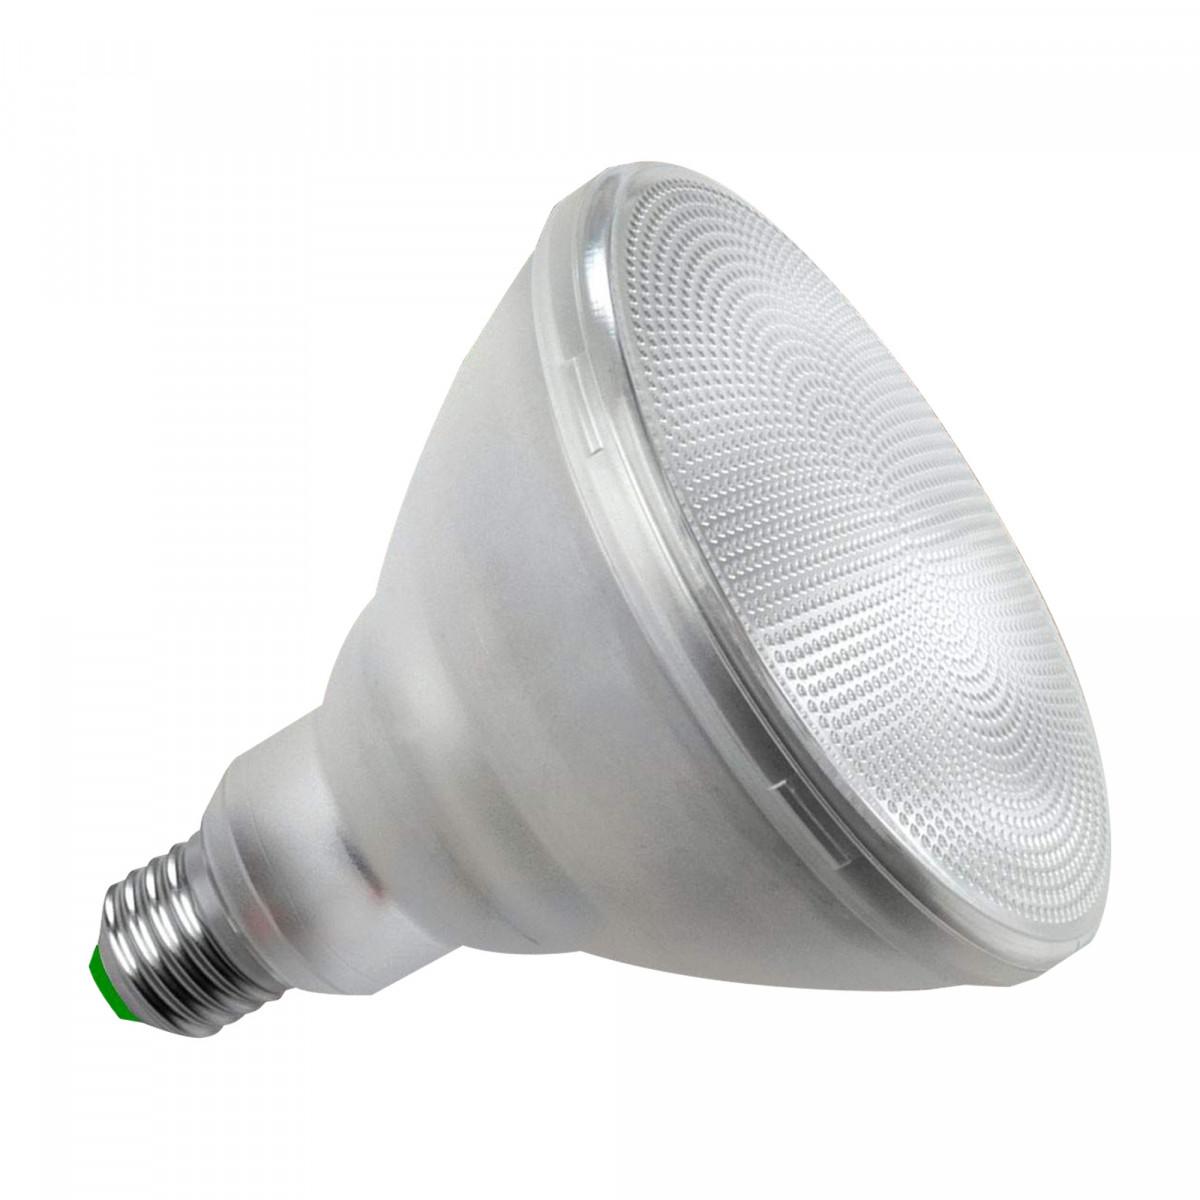 LED Par 38 LED